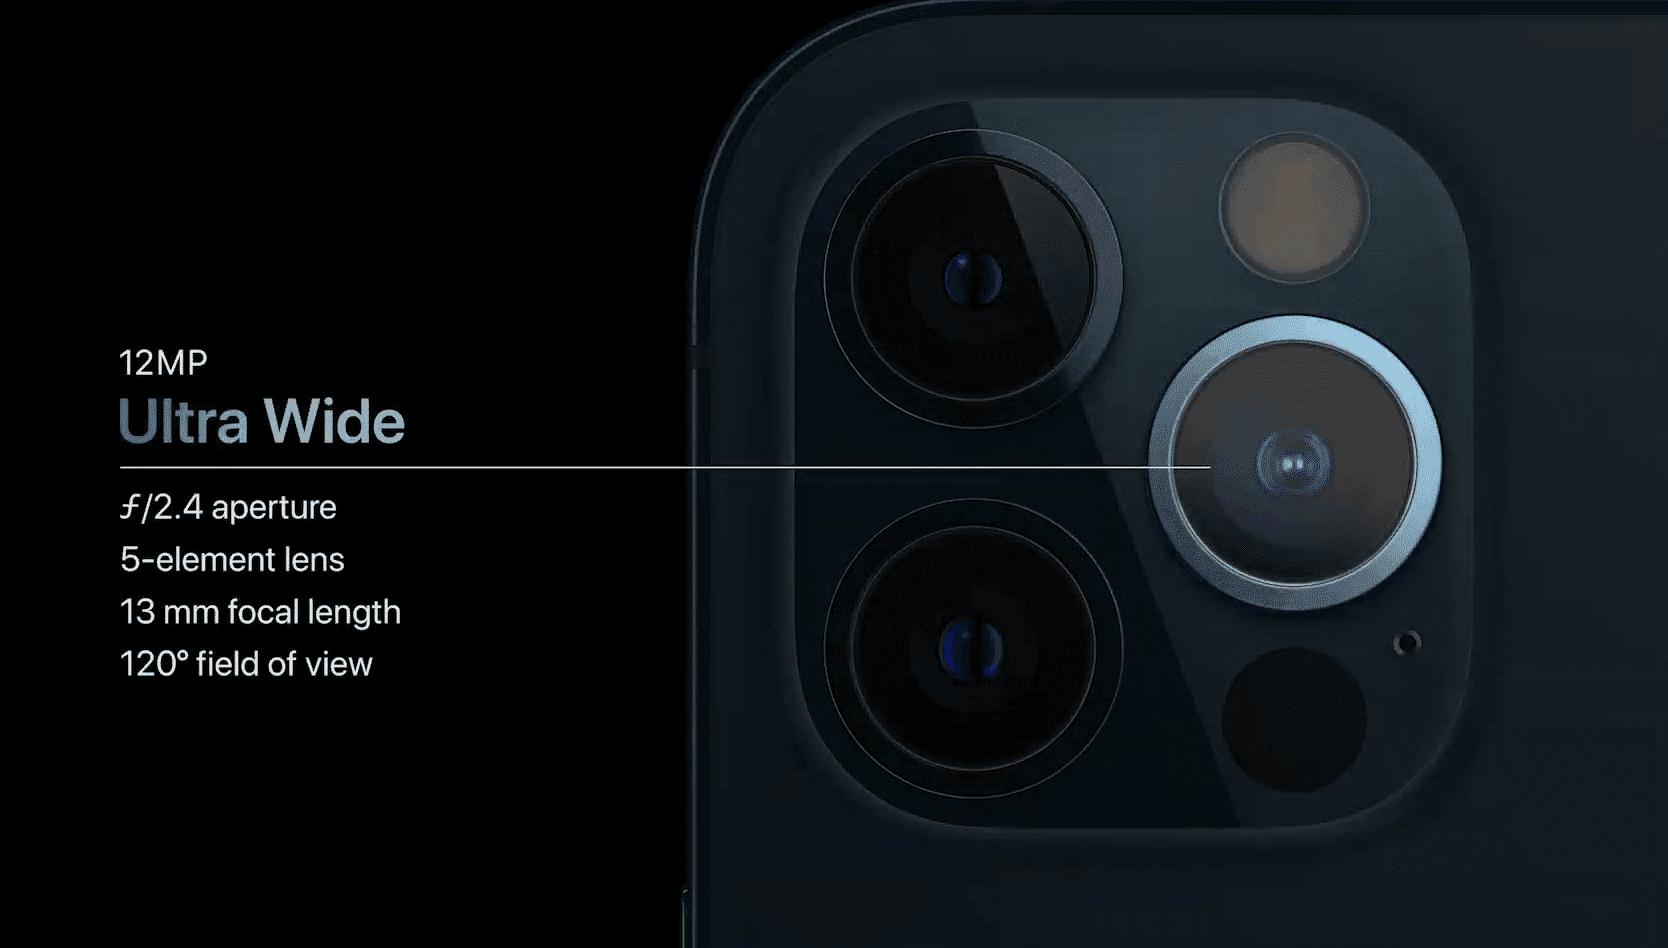 iPhone 12 Pro i iPhone 12 Pro Max oficjalnie zaprezentowane polecane, ciekawostki oficjalnie, iPhone 12 Pro Max, iPhone 12 Pro, Apple  Dziś oprócz iPhone 12 i iPhone 12 mini firma Apple zaprezentowała także iPhone 12 Pro i iPhone 12 Pro Max. Czym urządzenia różnią się od swoich poprzedników? Już wyjaśniamy. iphone 12 pro camera